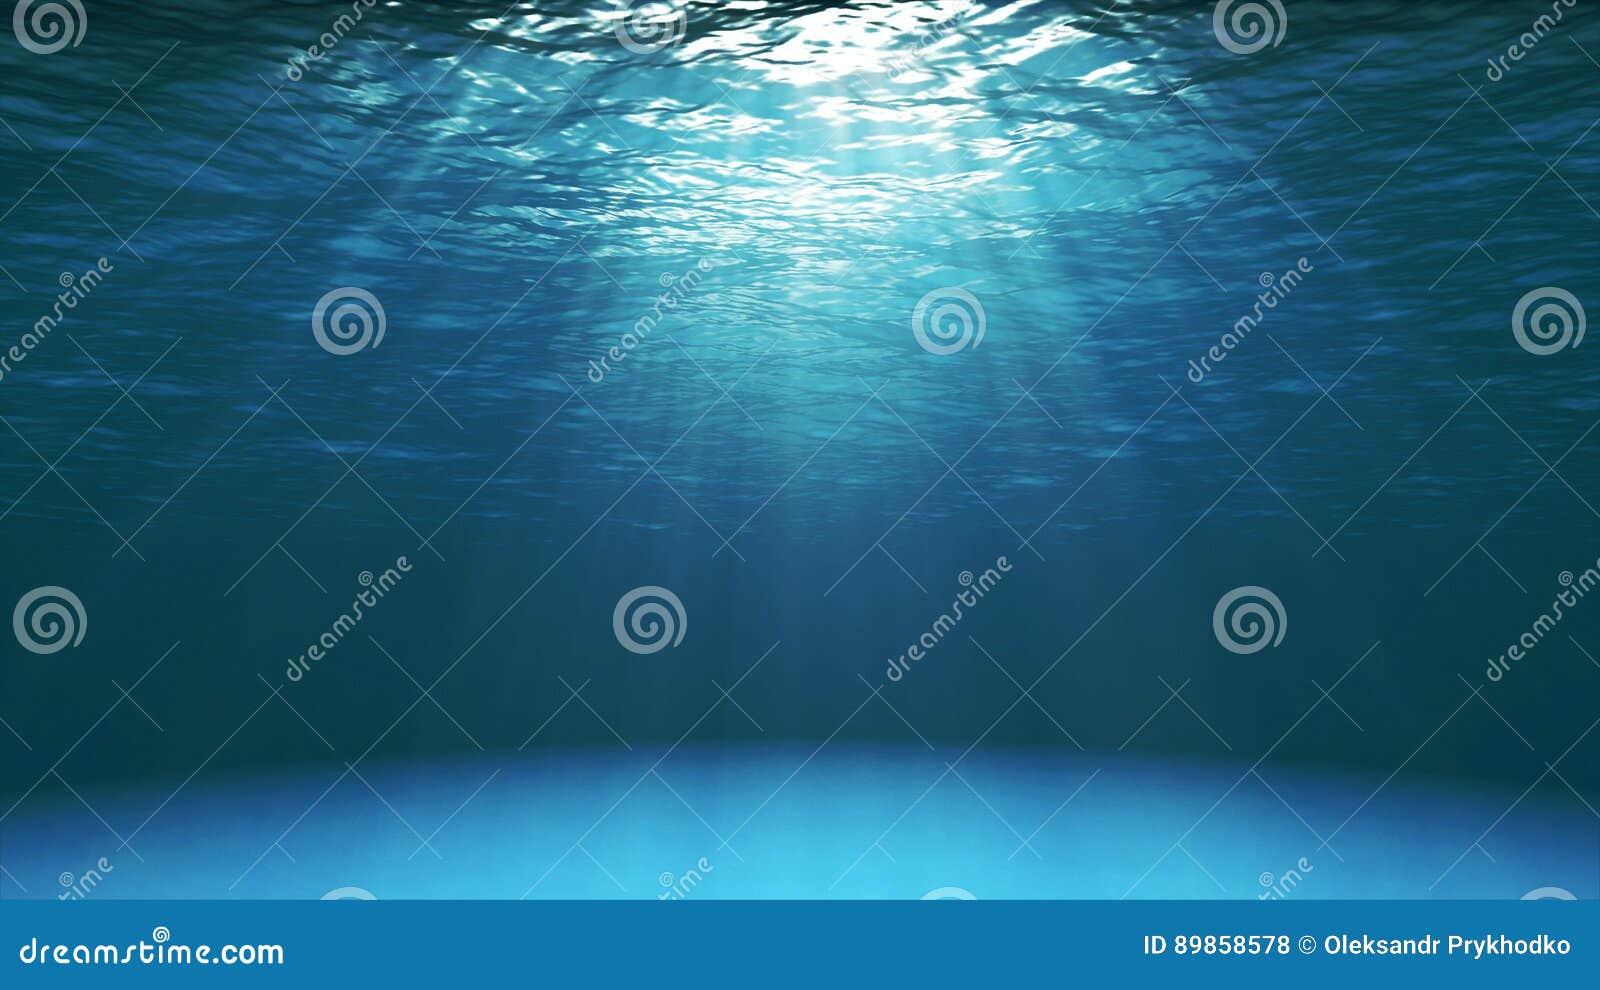 Dunkelblaue Ozeanoberfläche gesehen vom Underwater